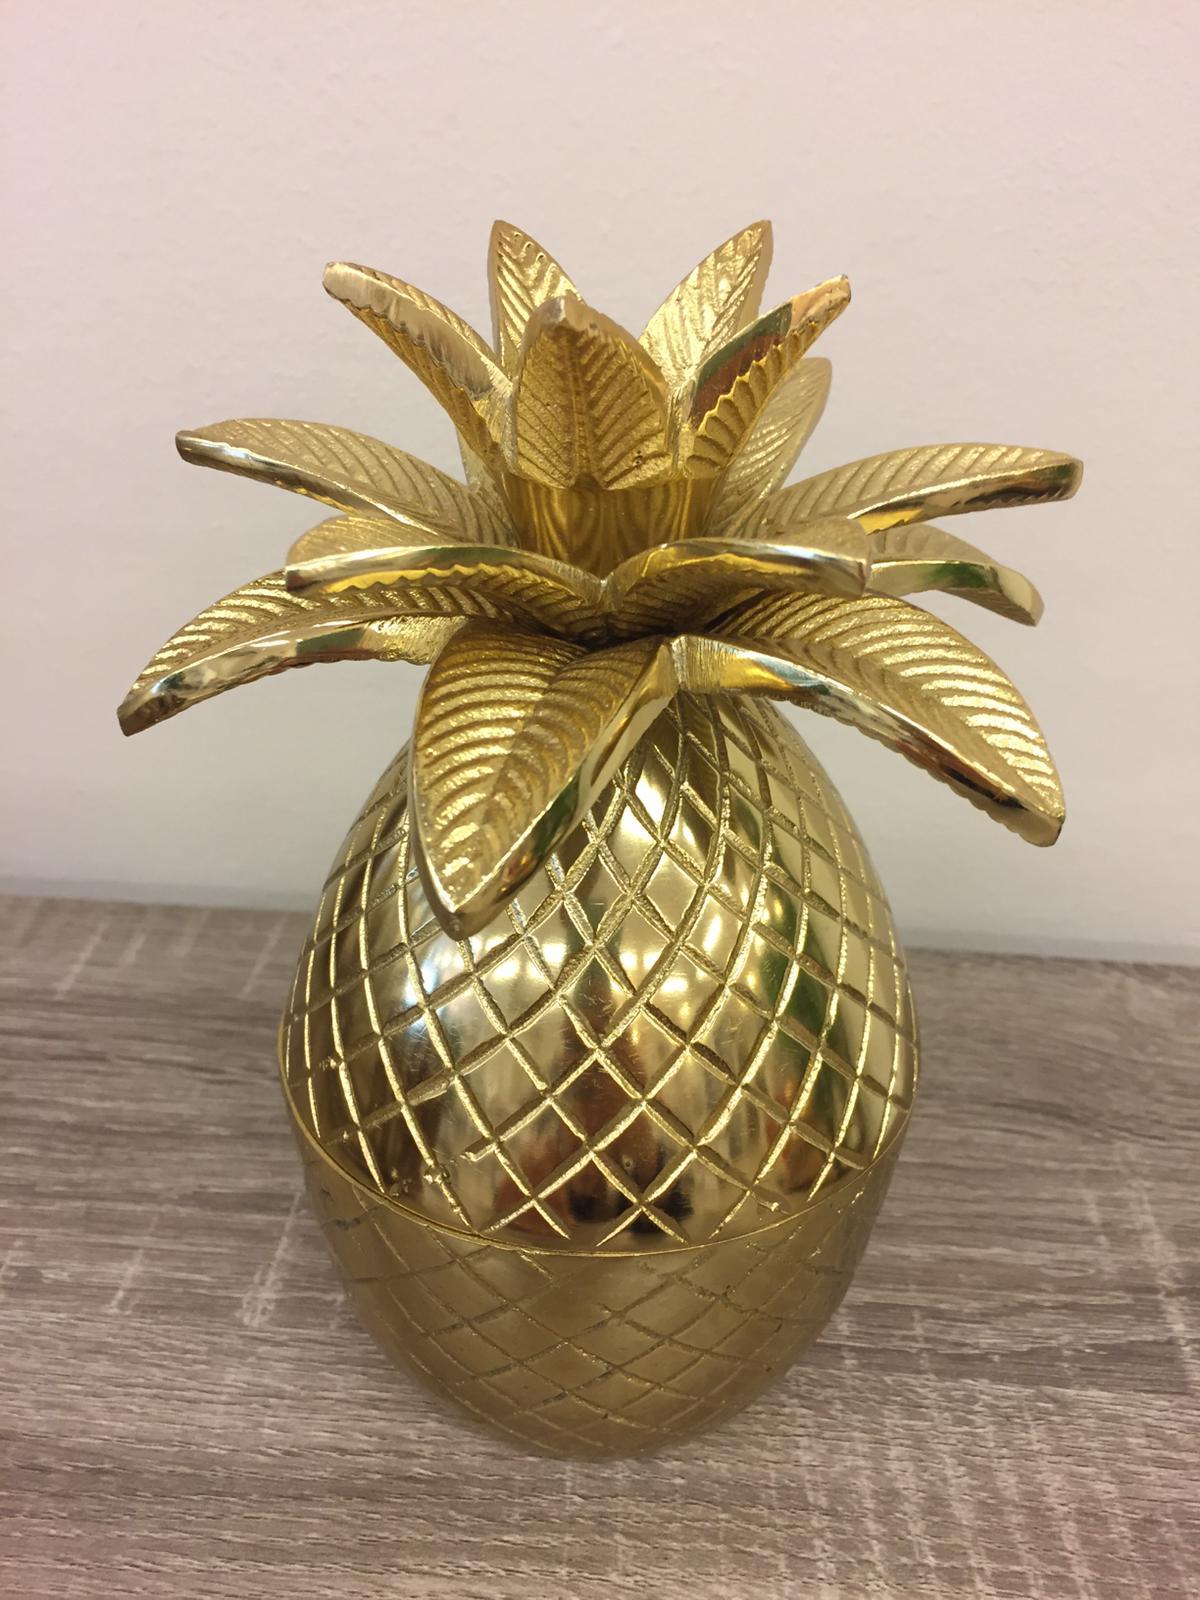 Barattolo portaoggetti a forma di ananas in metallo dorato €36